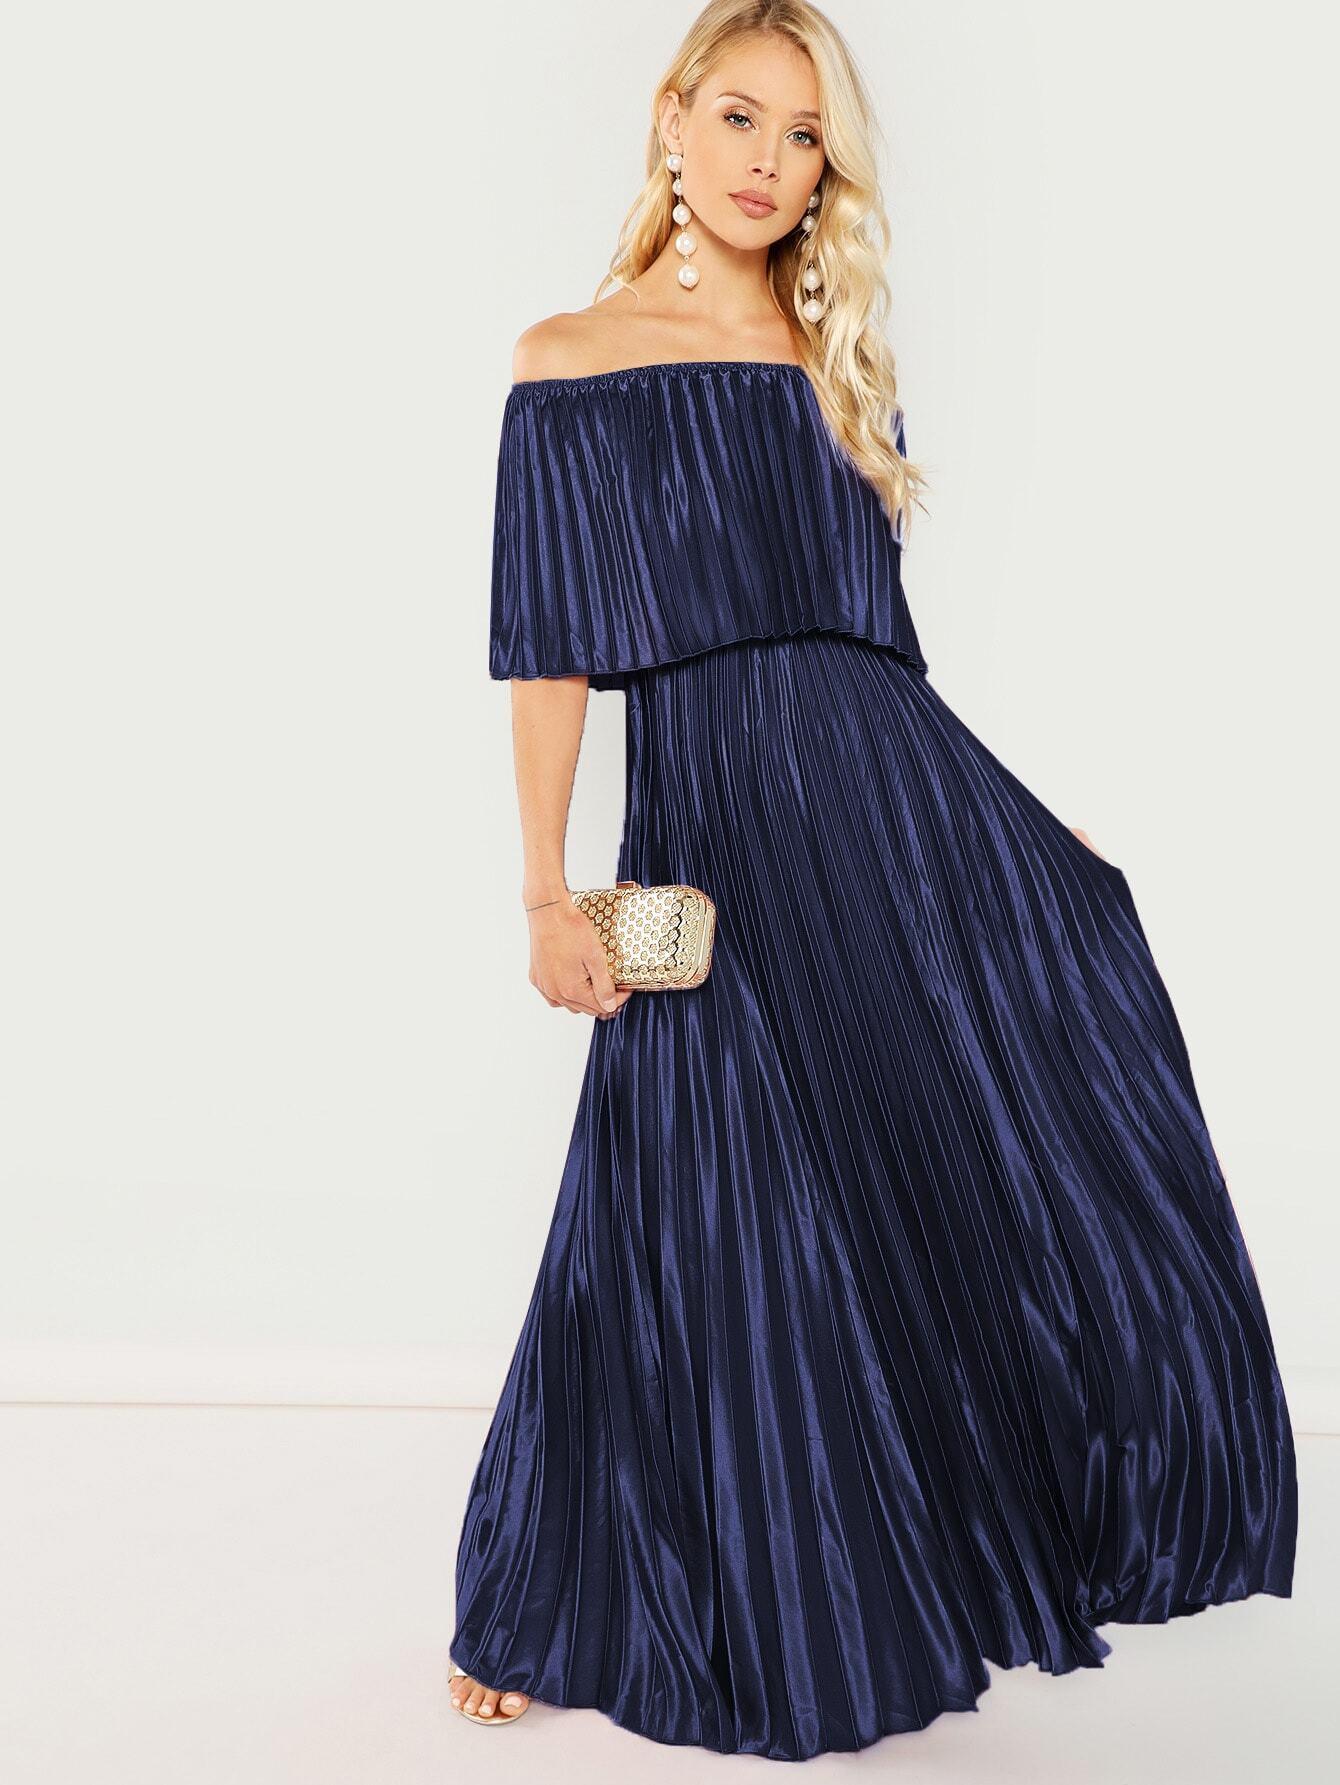 Schulterfreies Satin Kleid Mit Plissee Und Schößchen  Shein